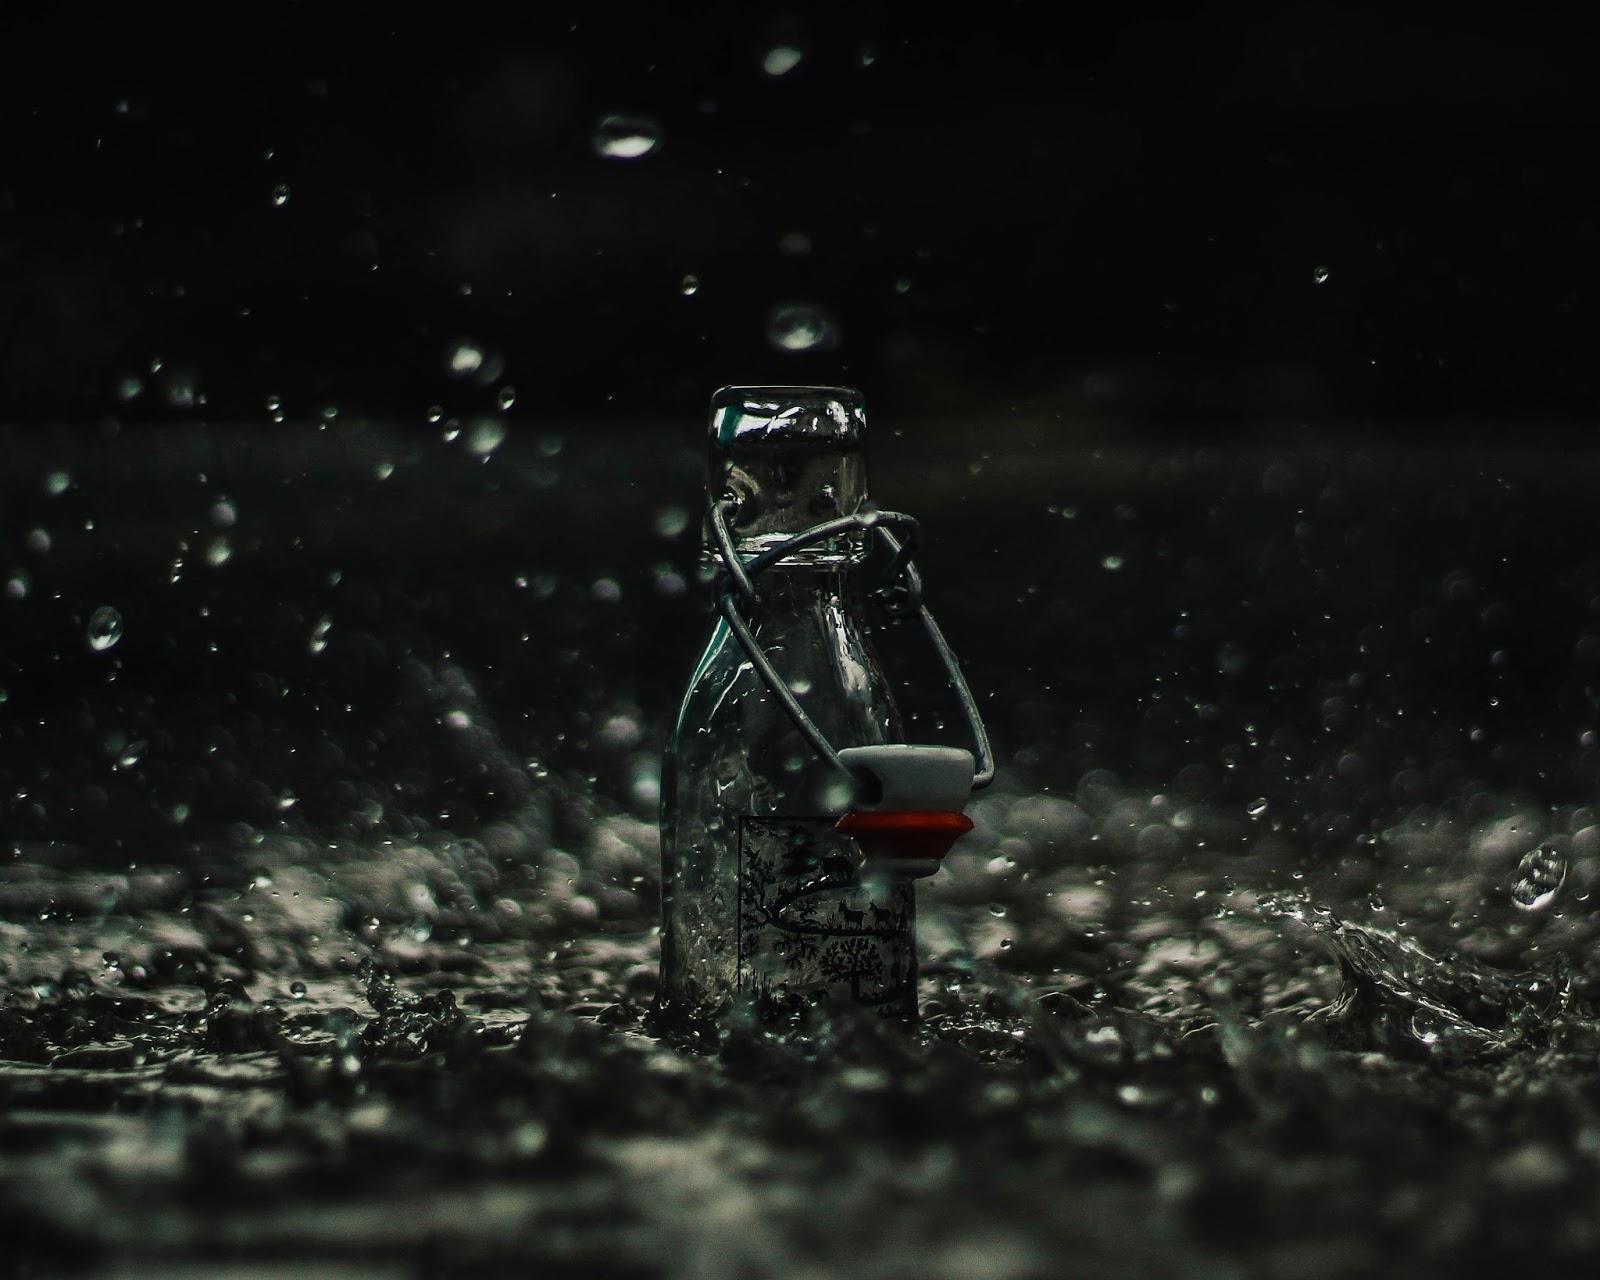 Nigdy więcej nie napijesz się wody...